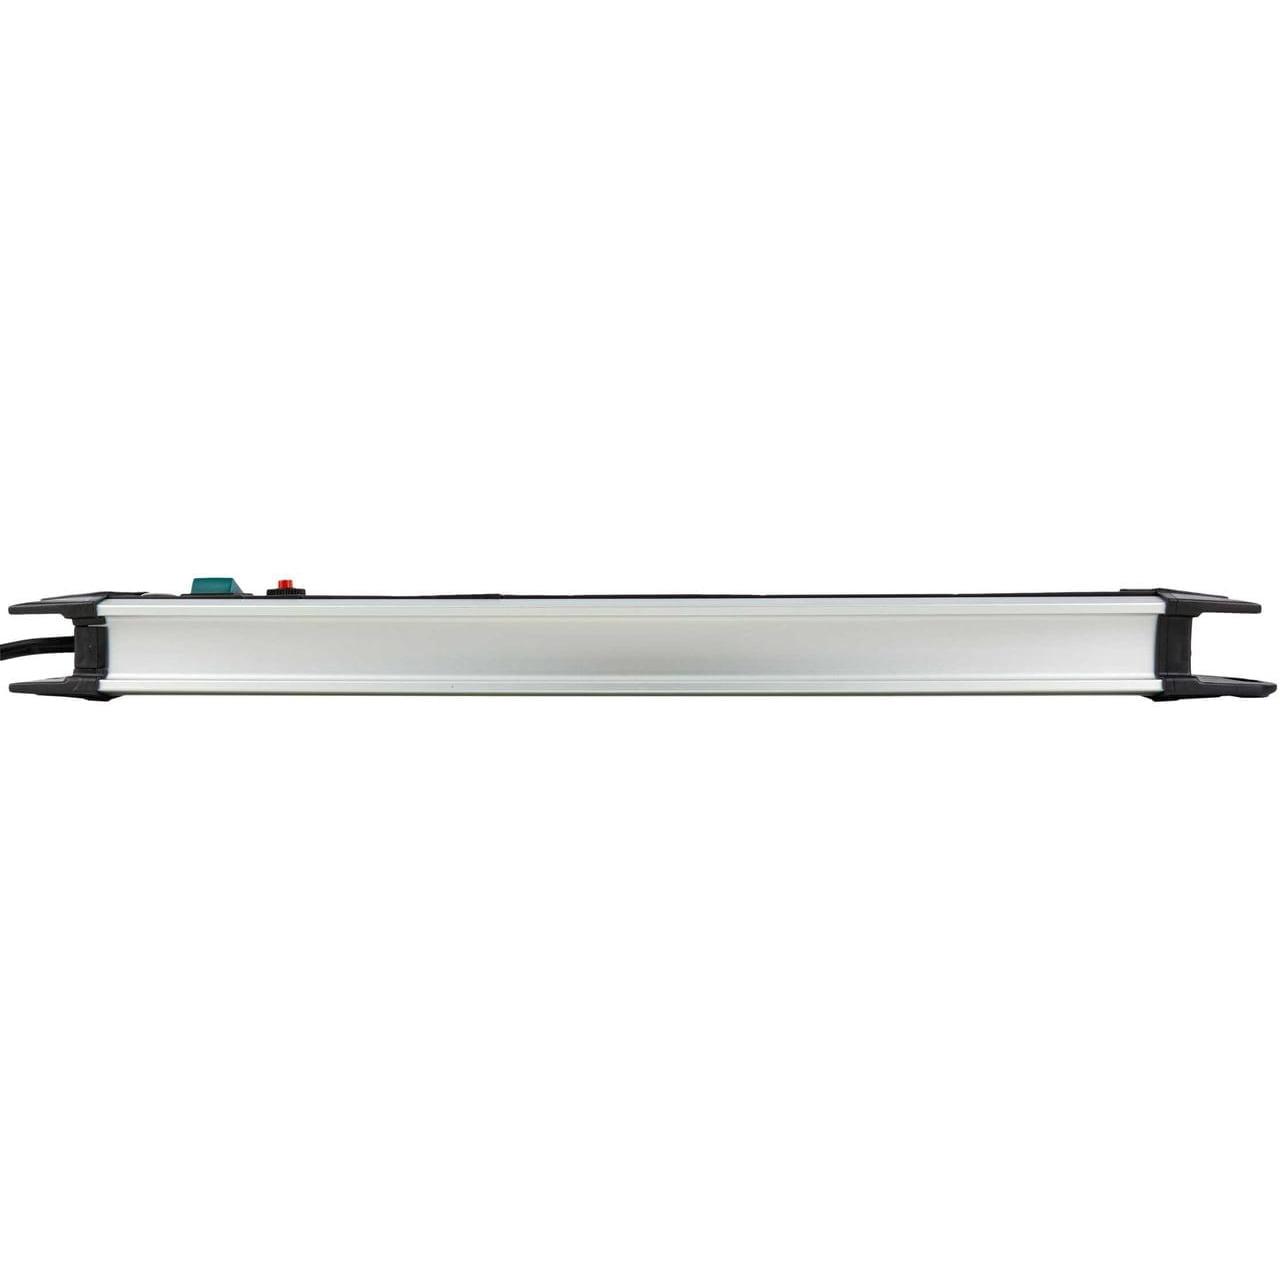 Сетевой фильтр Premium Protect-Line, 60.000А, 3м, 6 розеток с выключателем, кабель H05VV-F 3G1,5кв.мм.